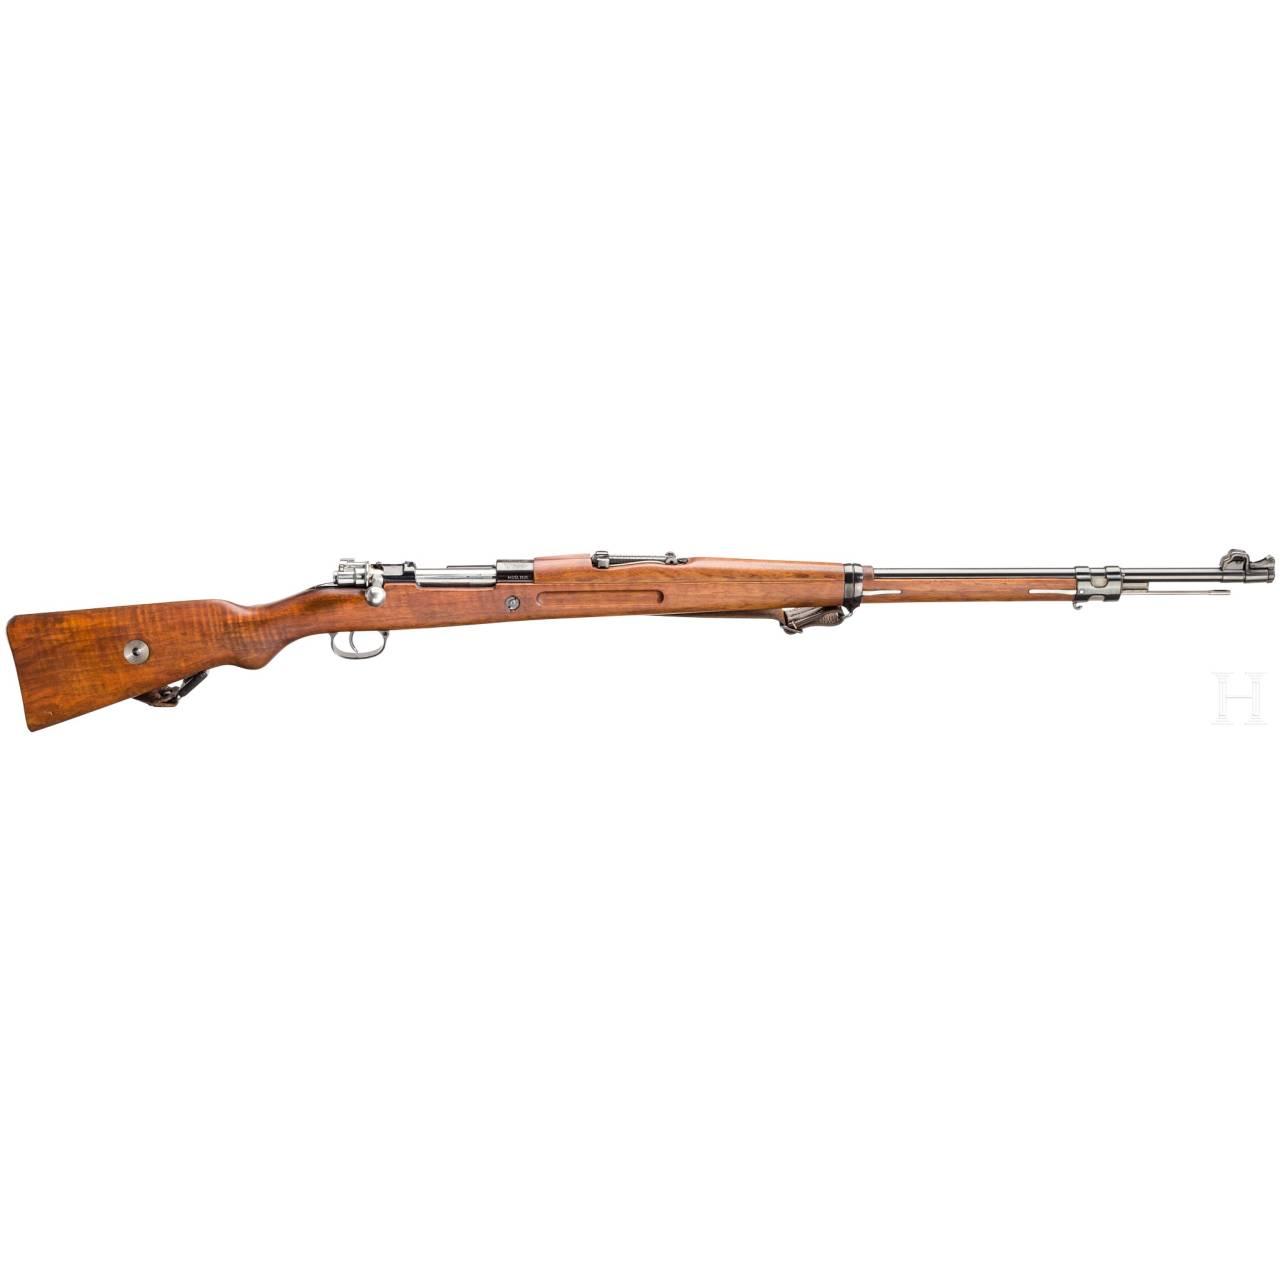 Gewehr Mod. 1935, Mauser, Oberndorf